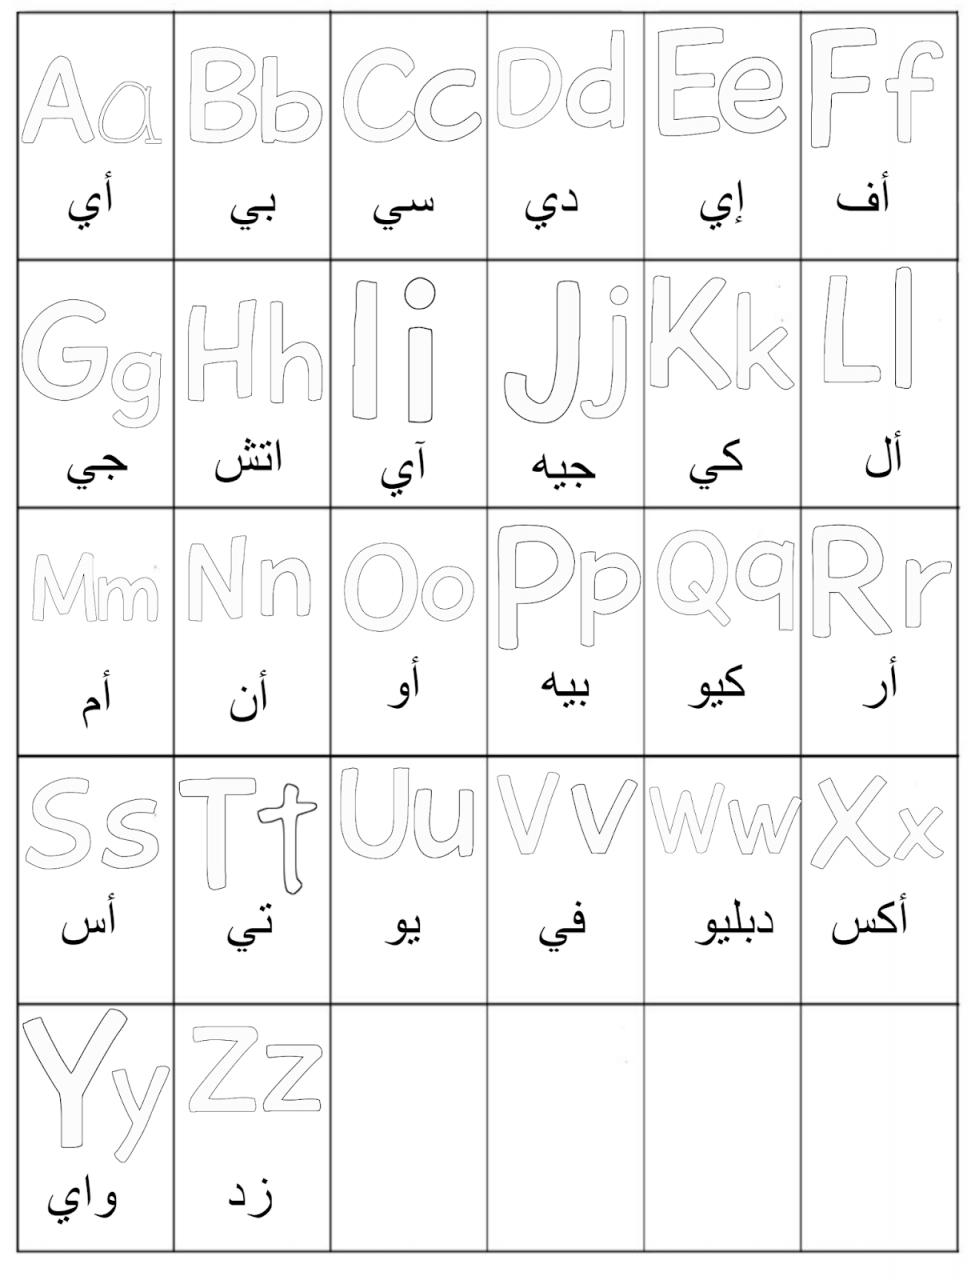 صورة حروف العربي بالانجليزي , كيف انطق حروف الانجليزى بالعربى